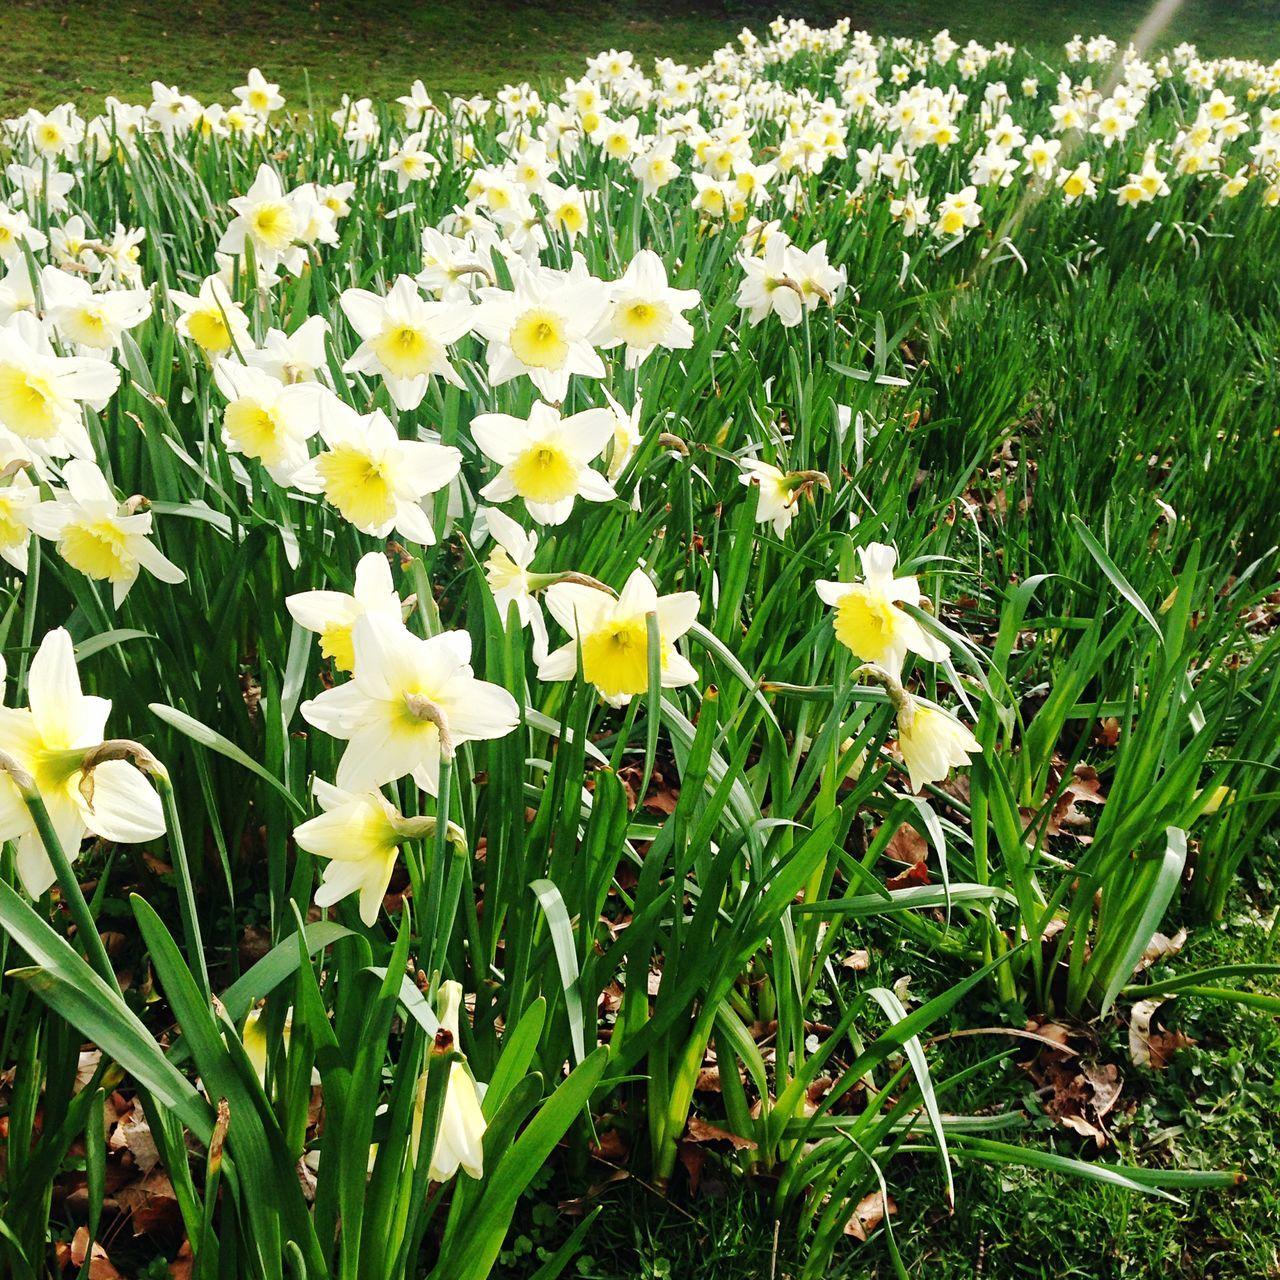 White Flowers In Field